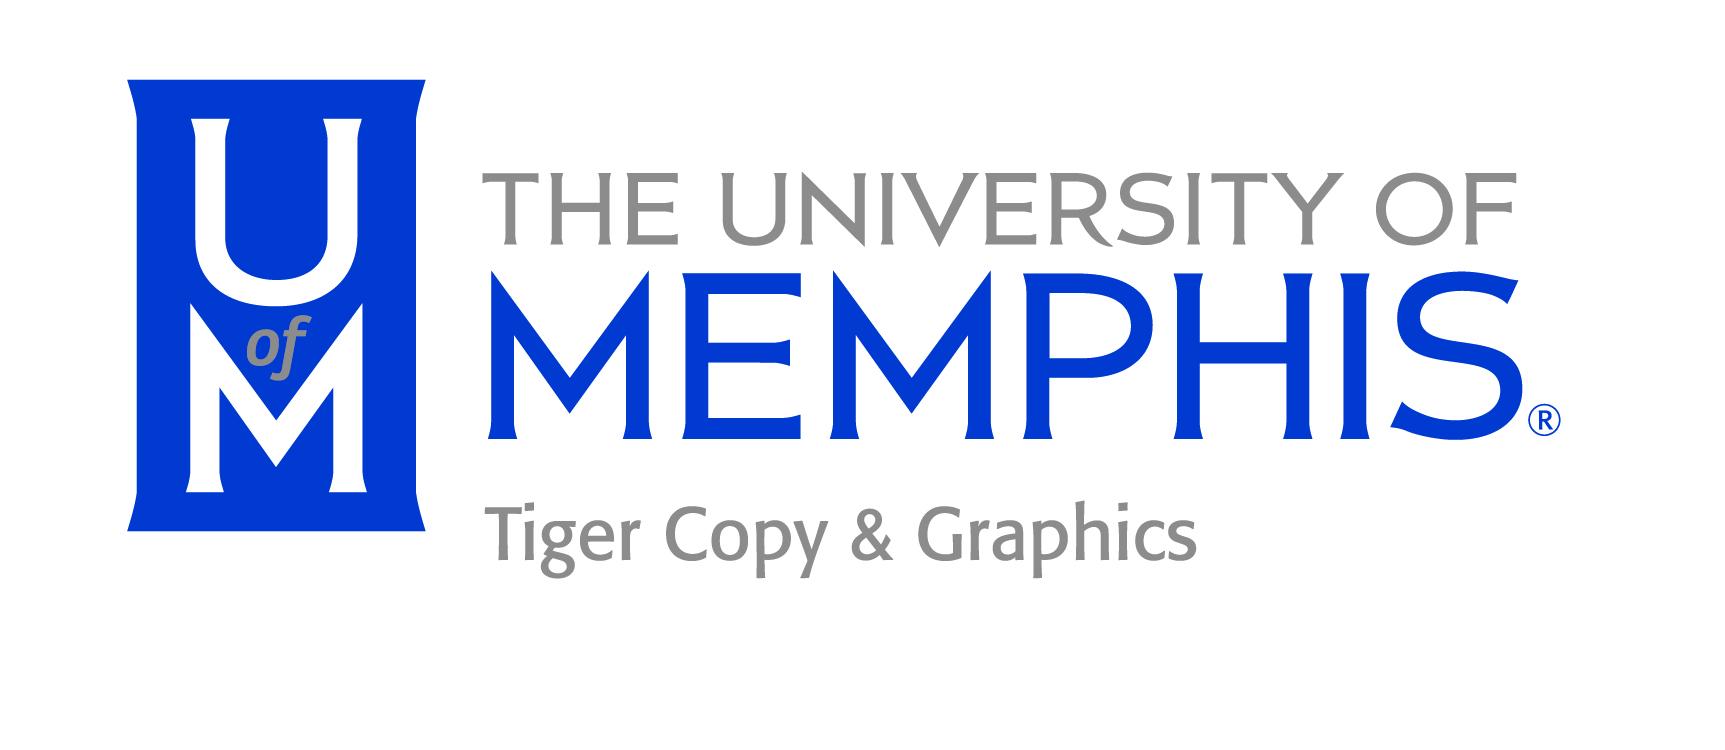 Tiger Copy & Graphics